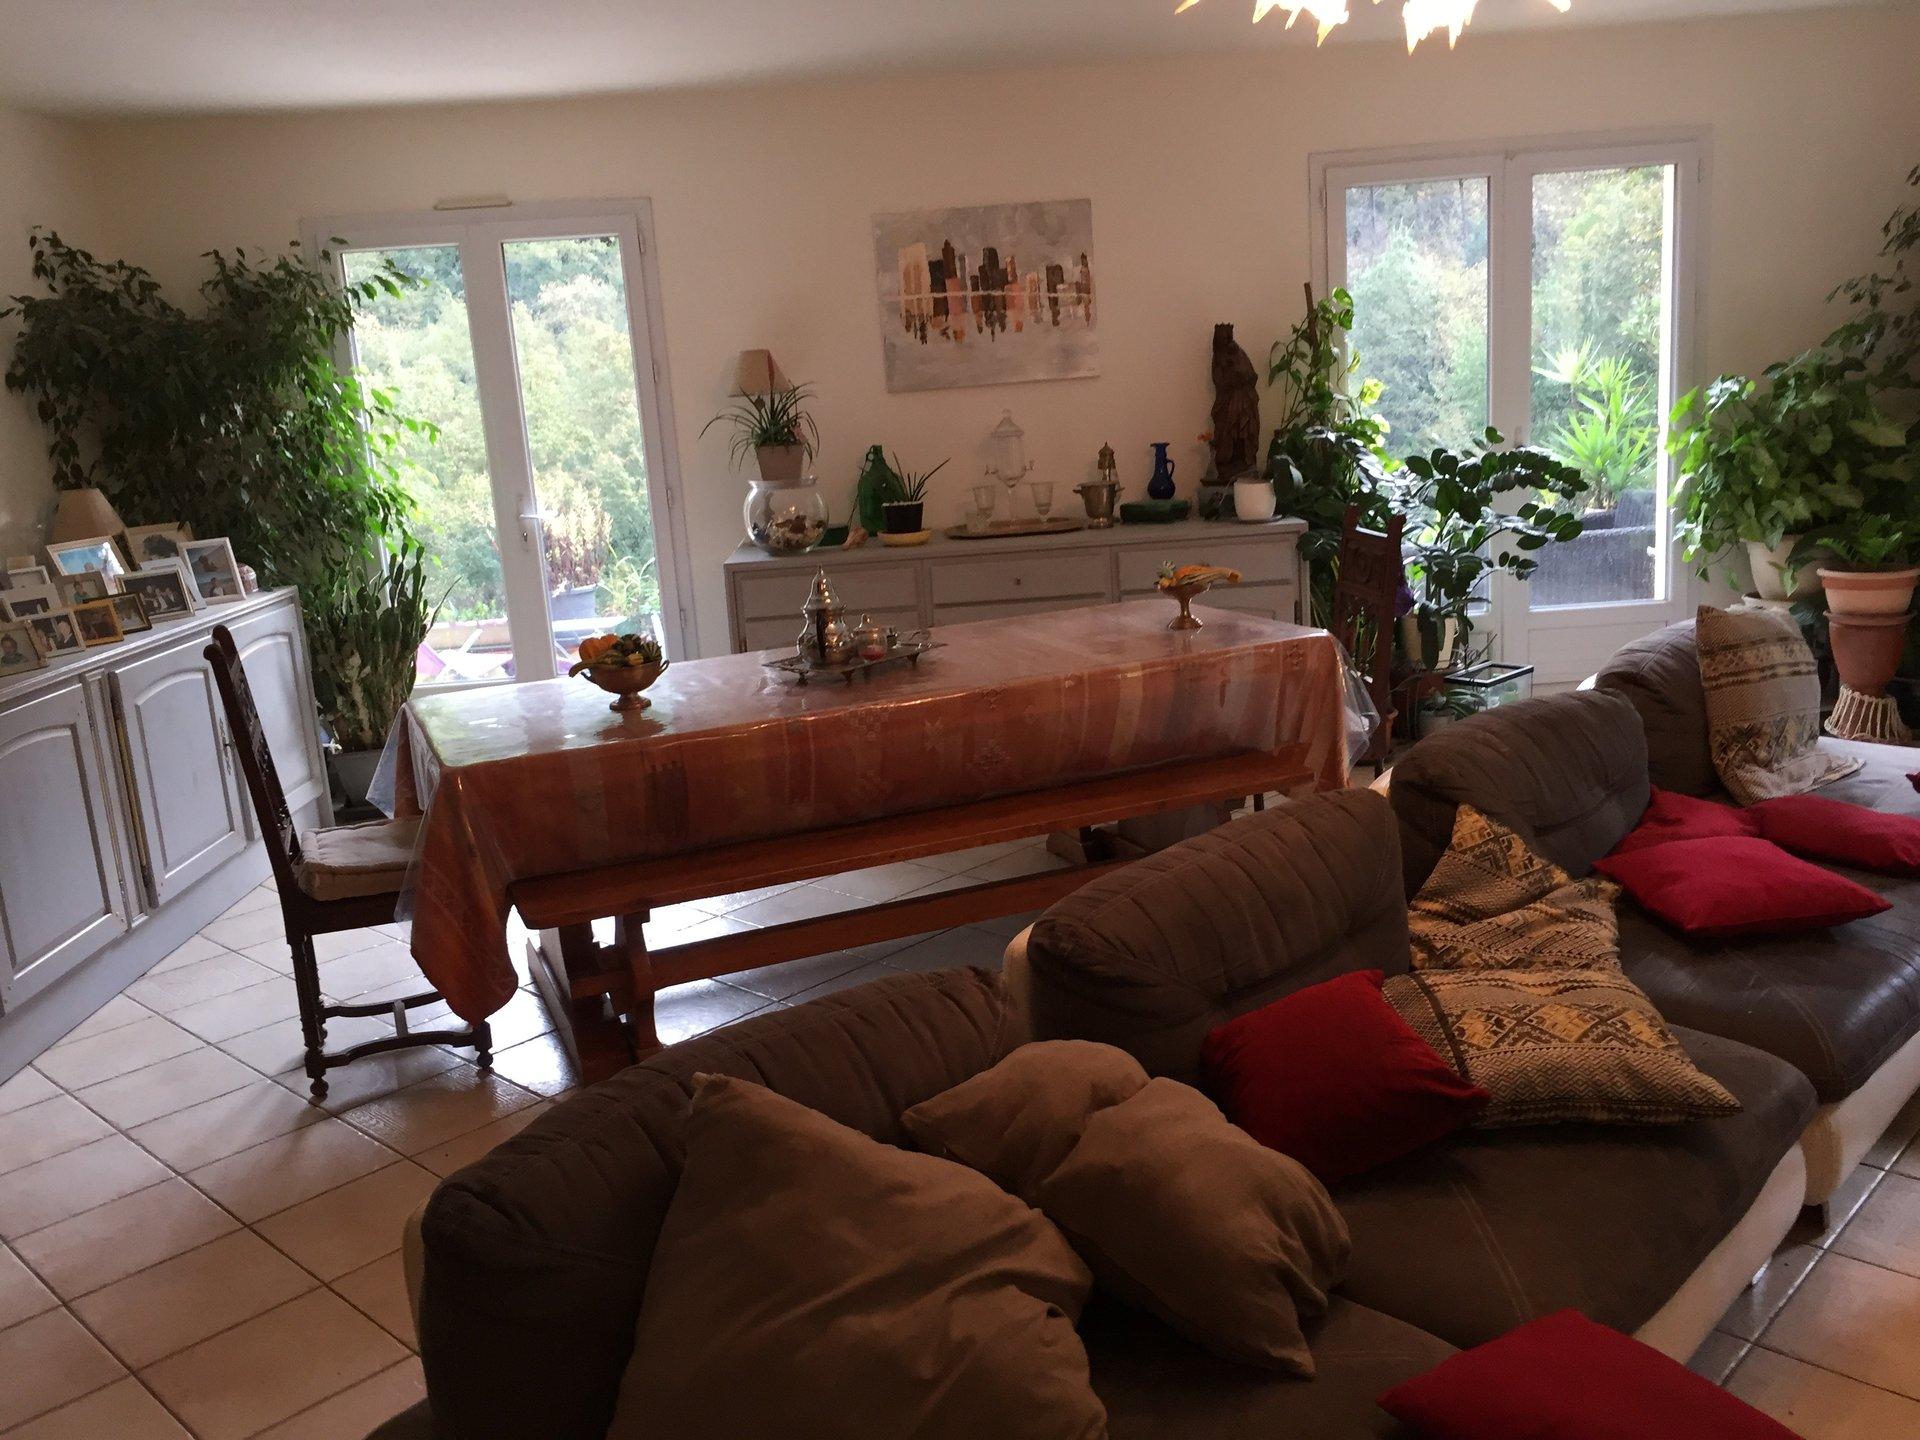 Bar Sur Loup - au calme absolu villa d'environ 210 m2 sur terrain de 6500 m2 a faible consommation énergétique